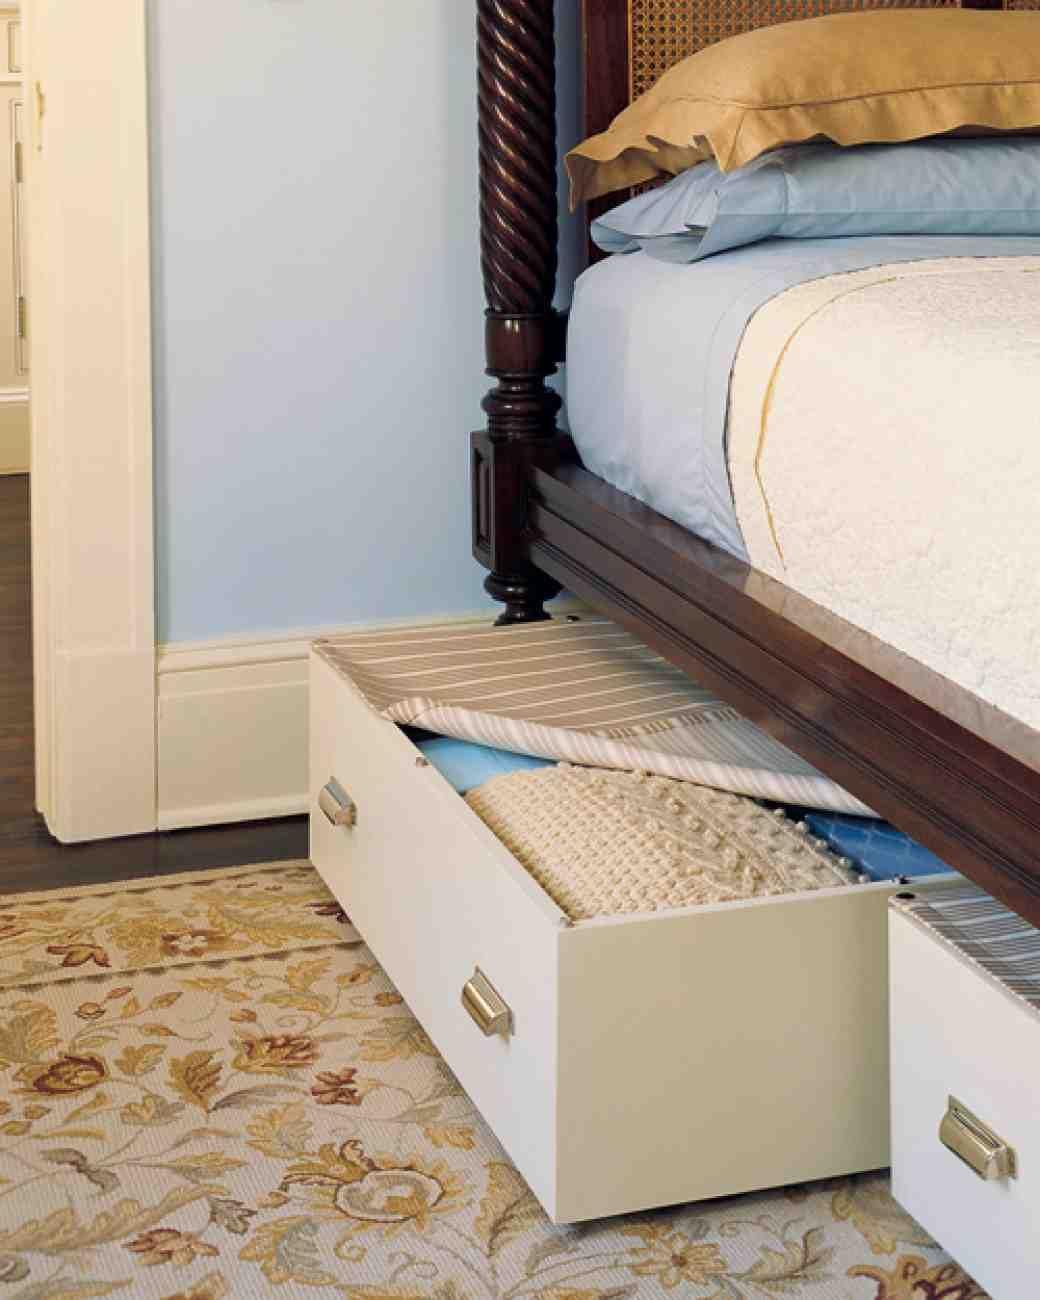 Under The Bed Organizer